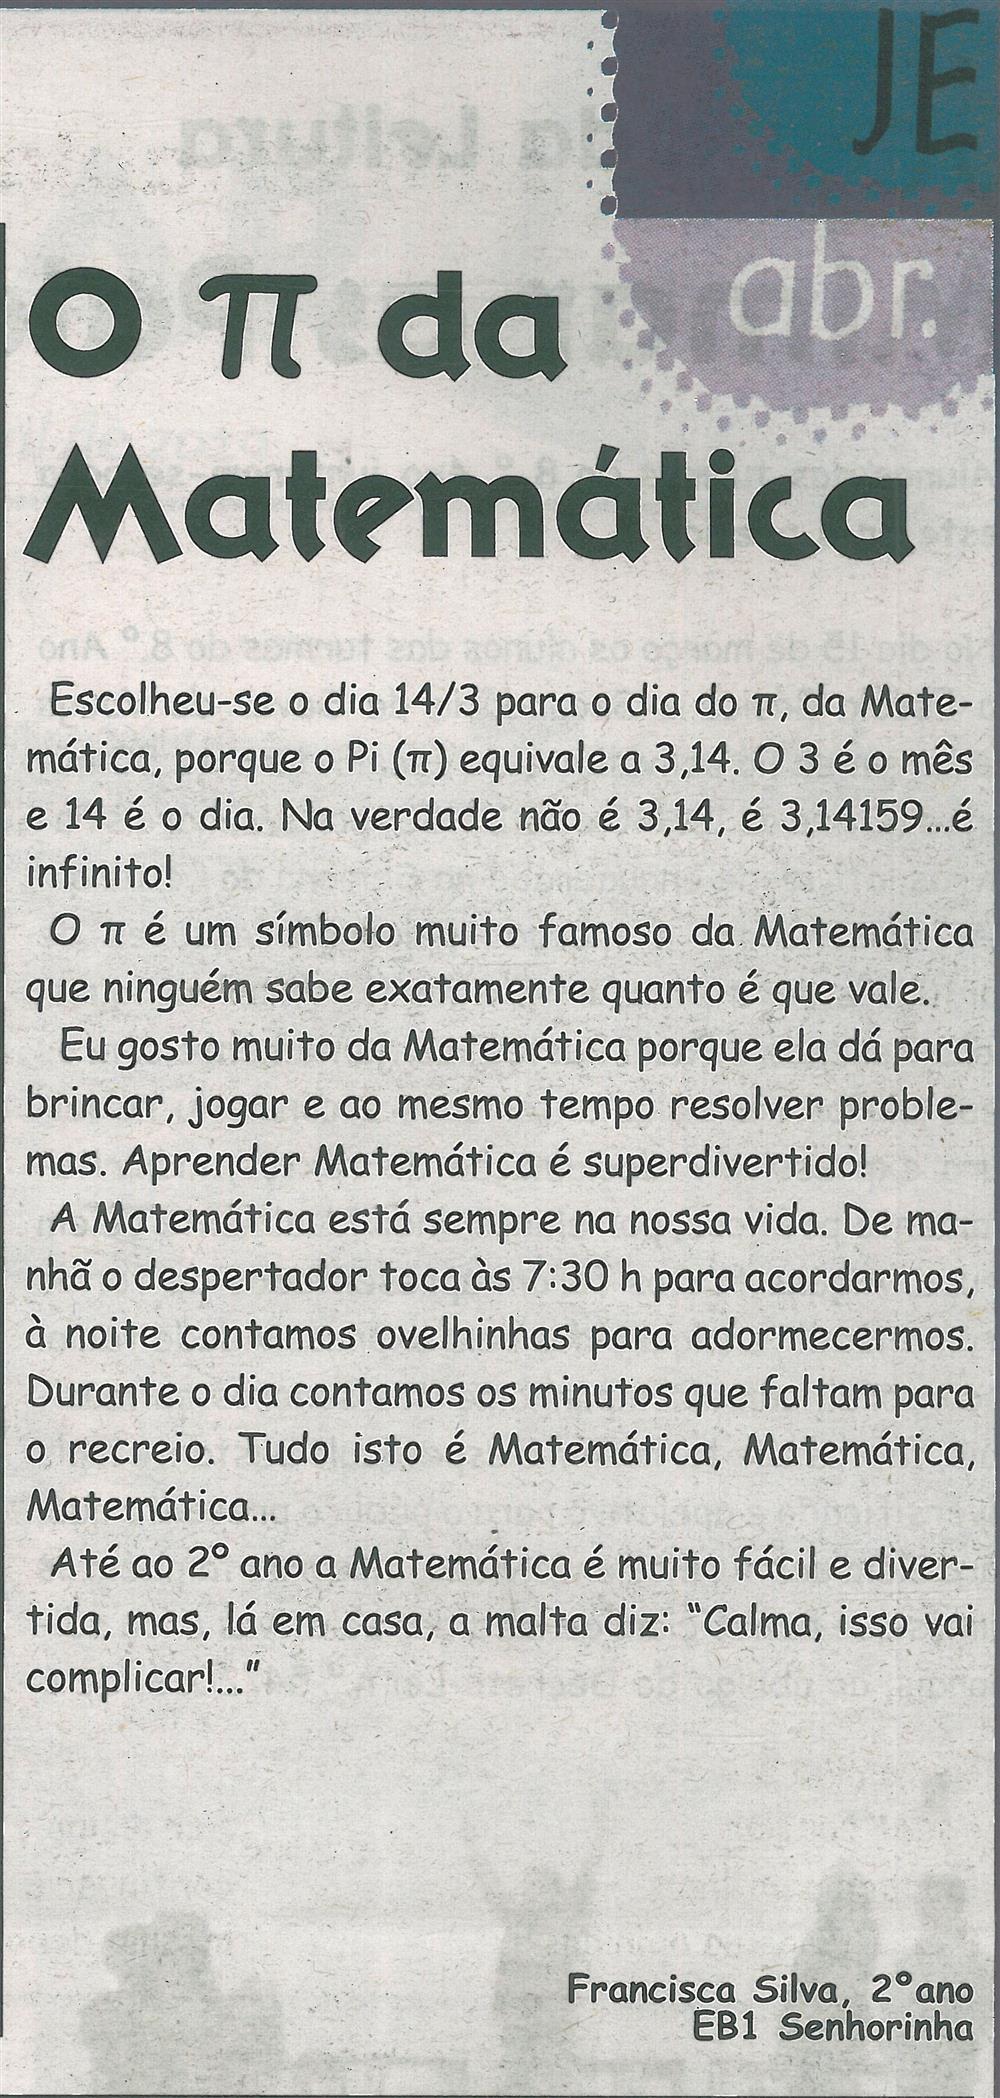 JE-abr.'19-p.7-O pi da matemática.jpg